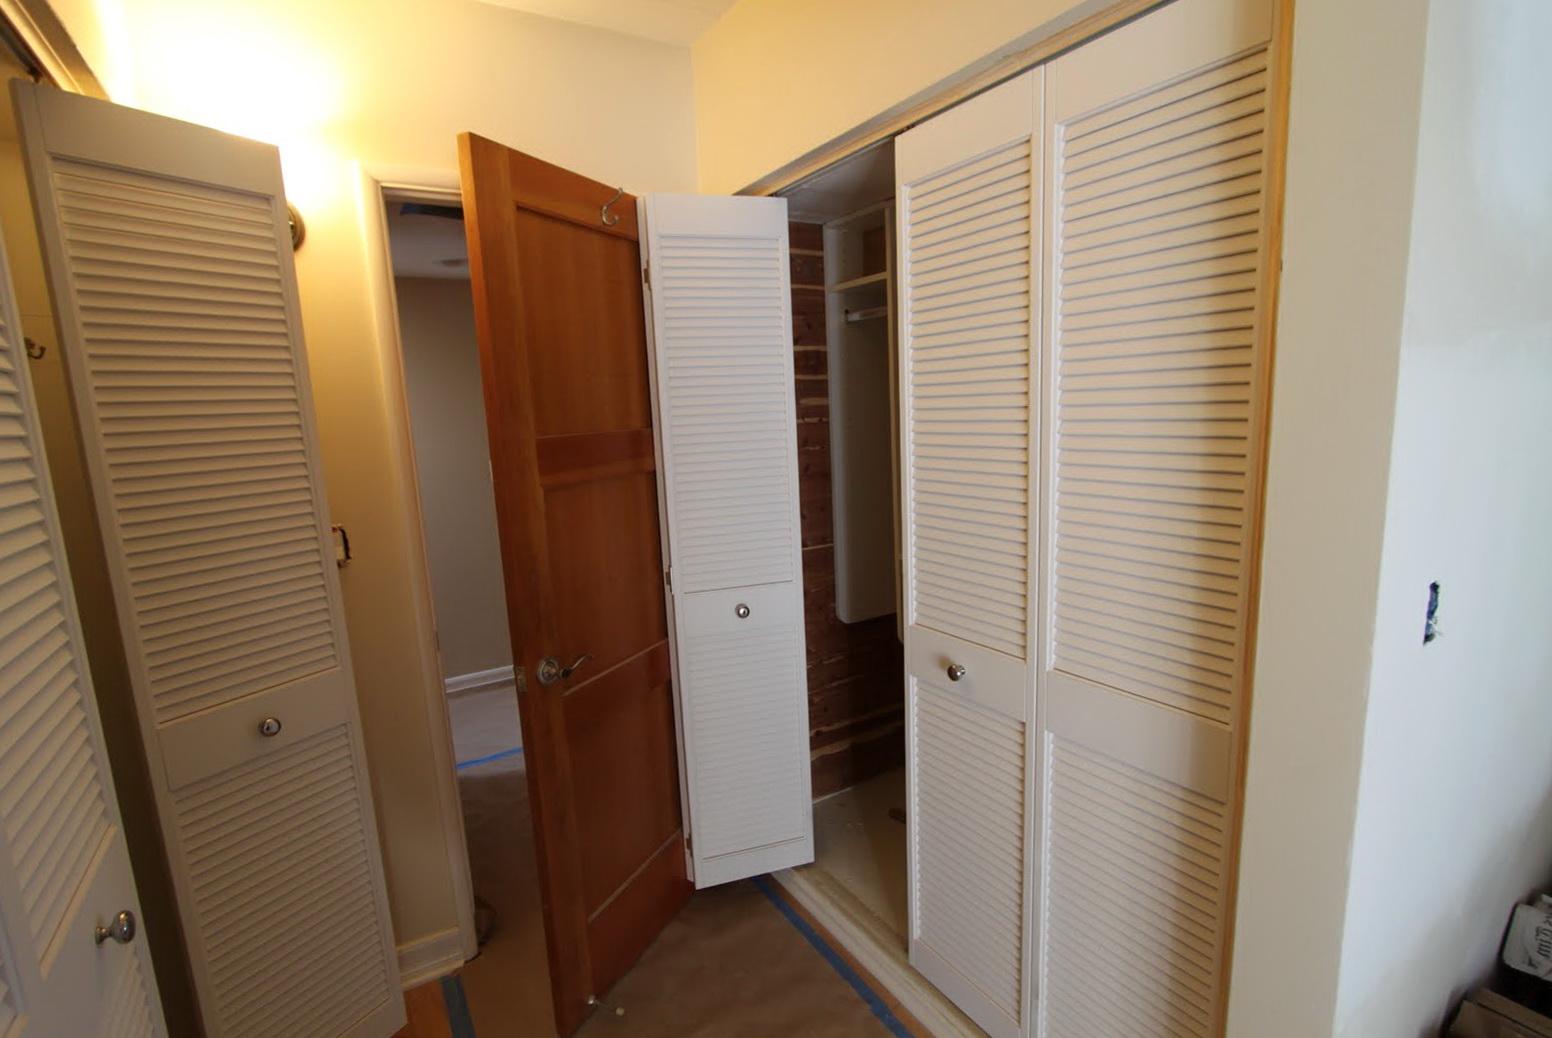 Louvered Sliding Closet Doors Lowes Home Design Ideas